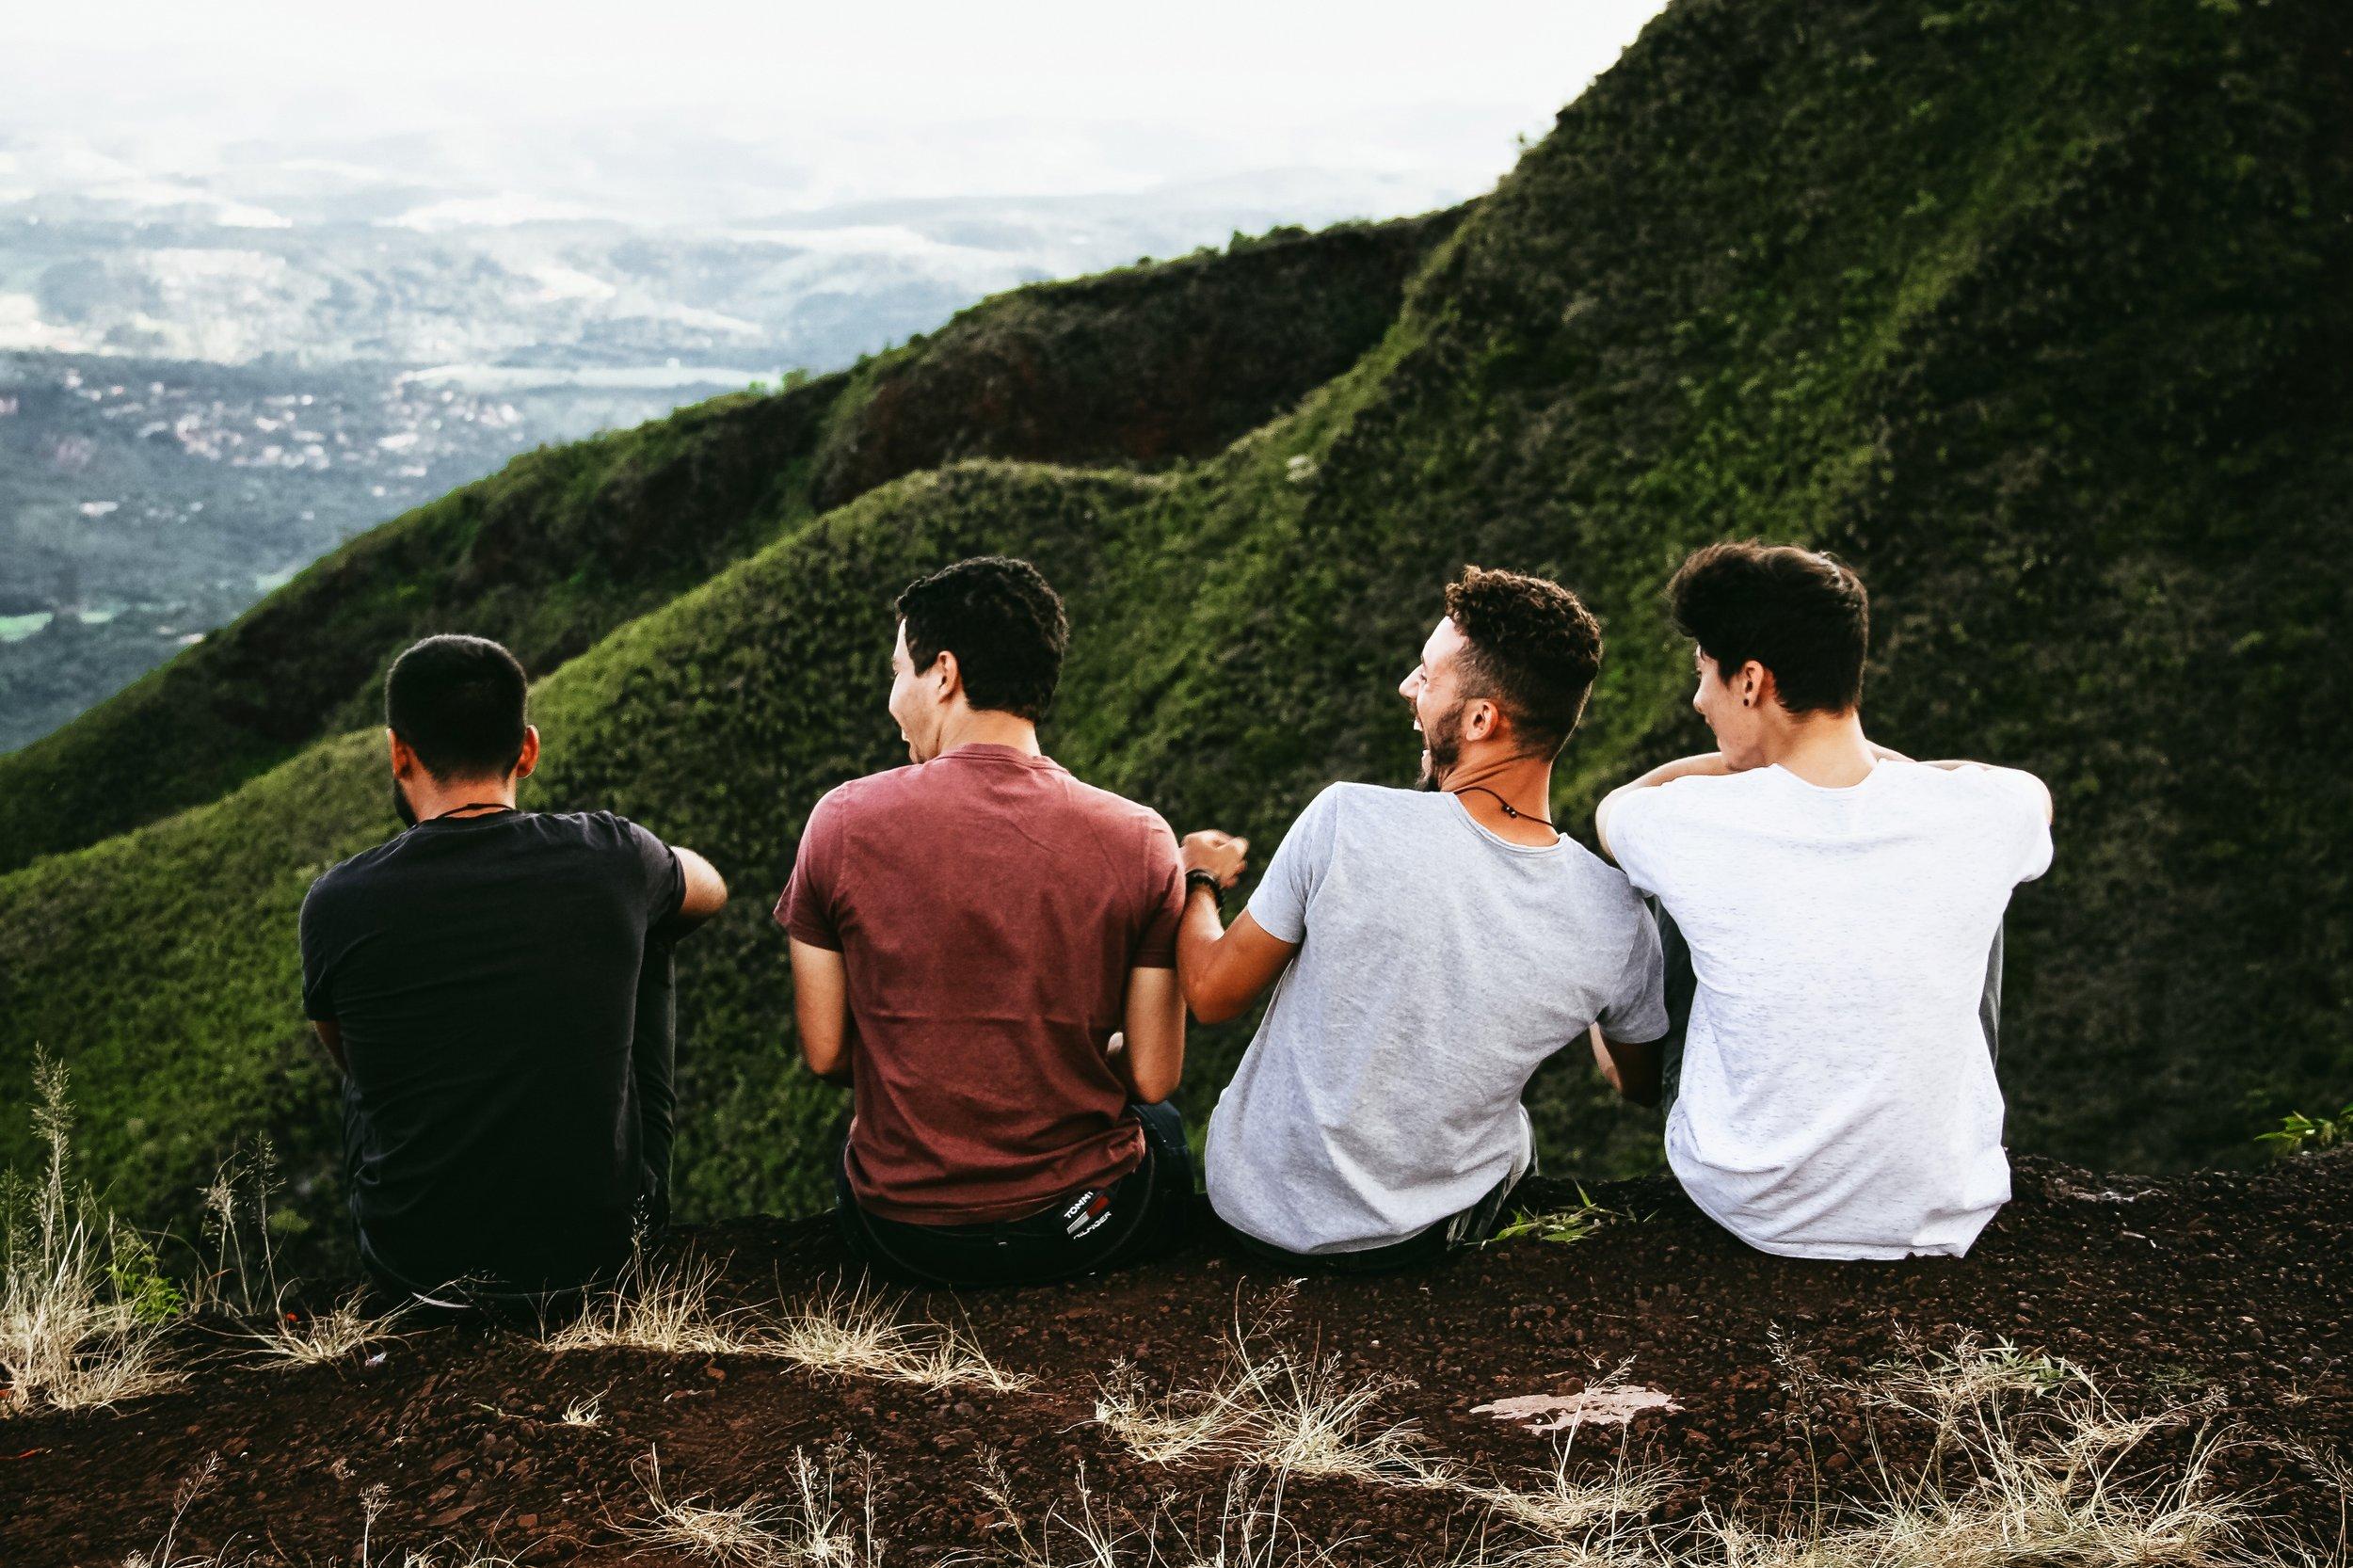 malefriendships-supportsystem-healthandwellbeing-mentalhealth.jpg